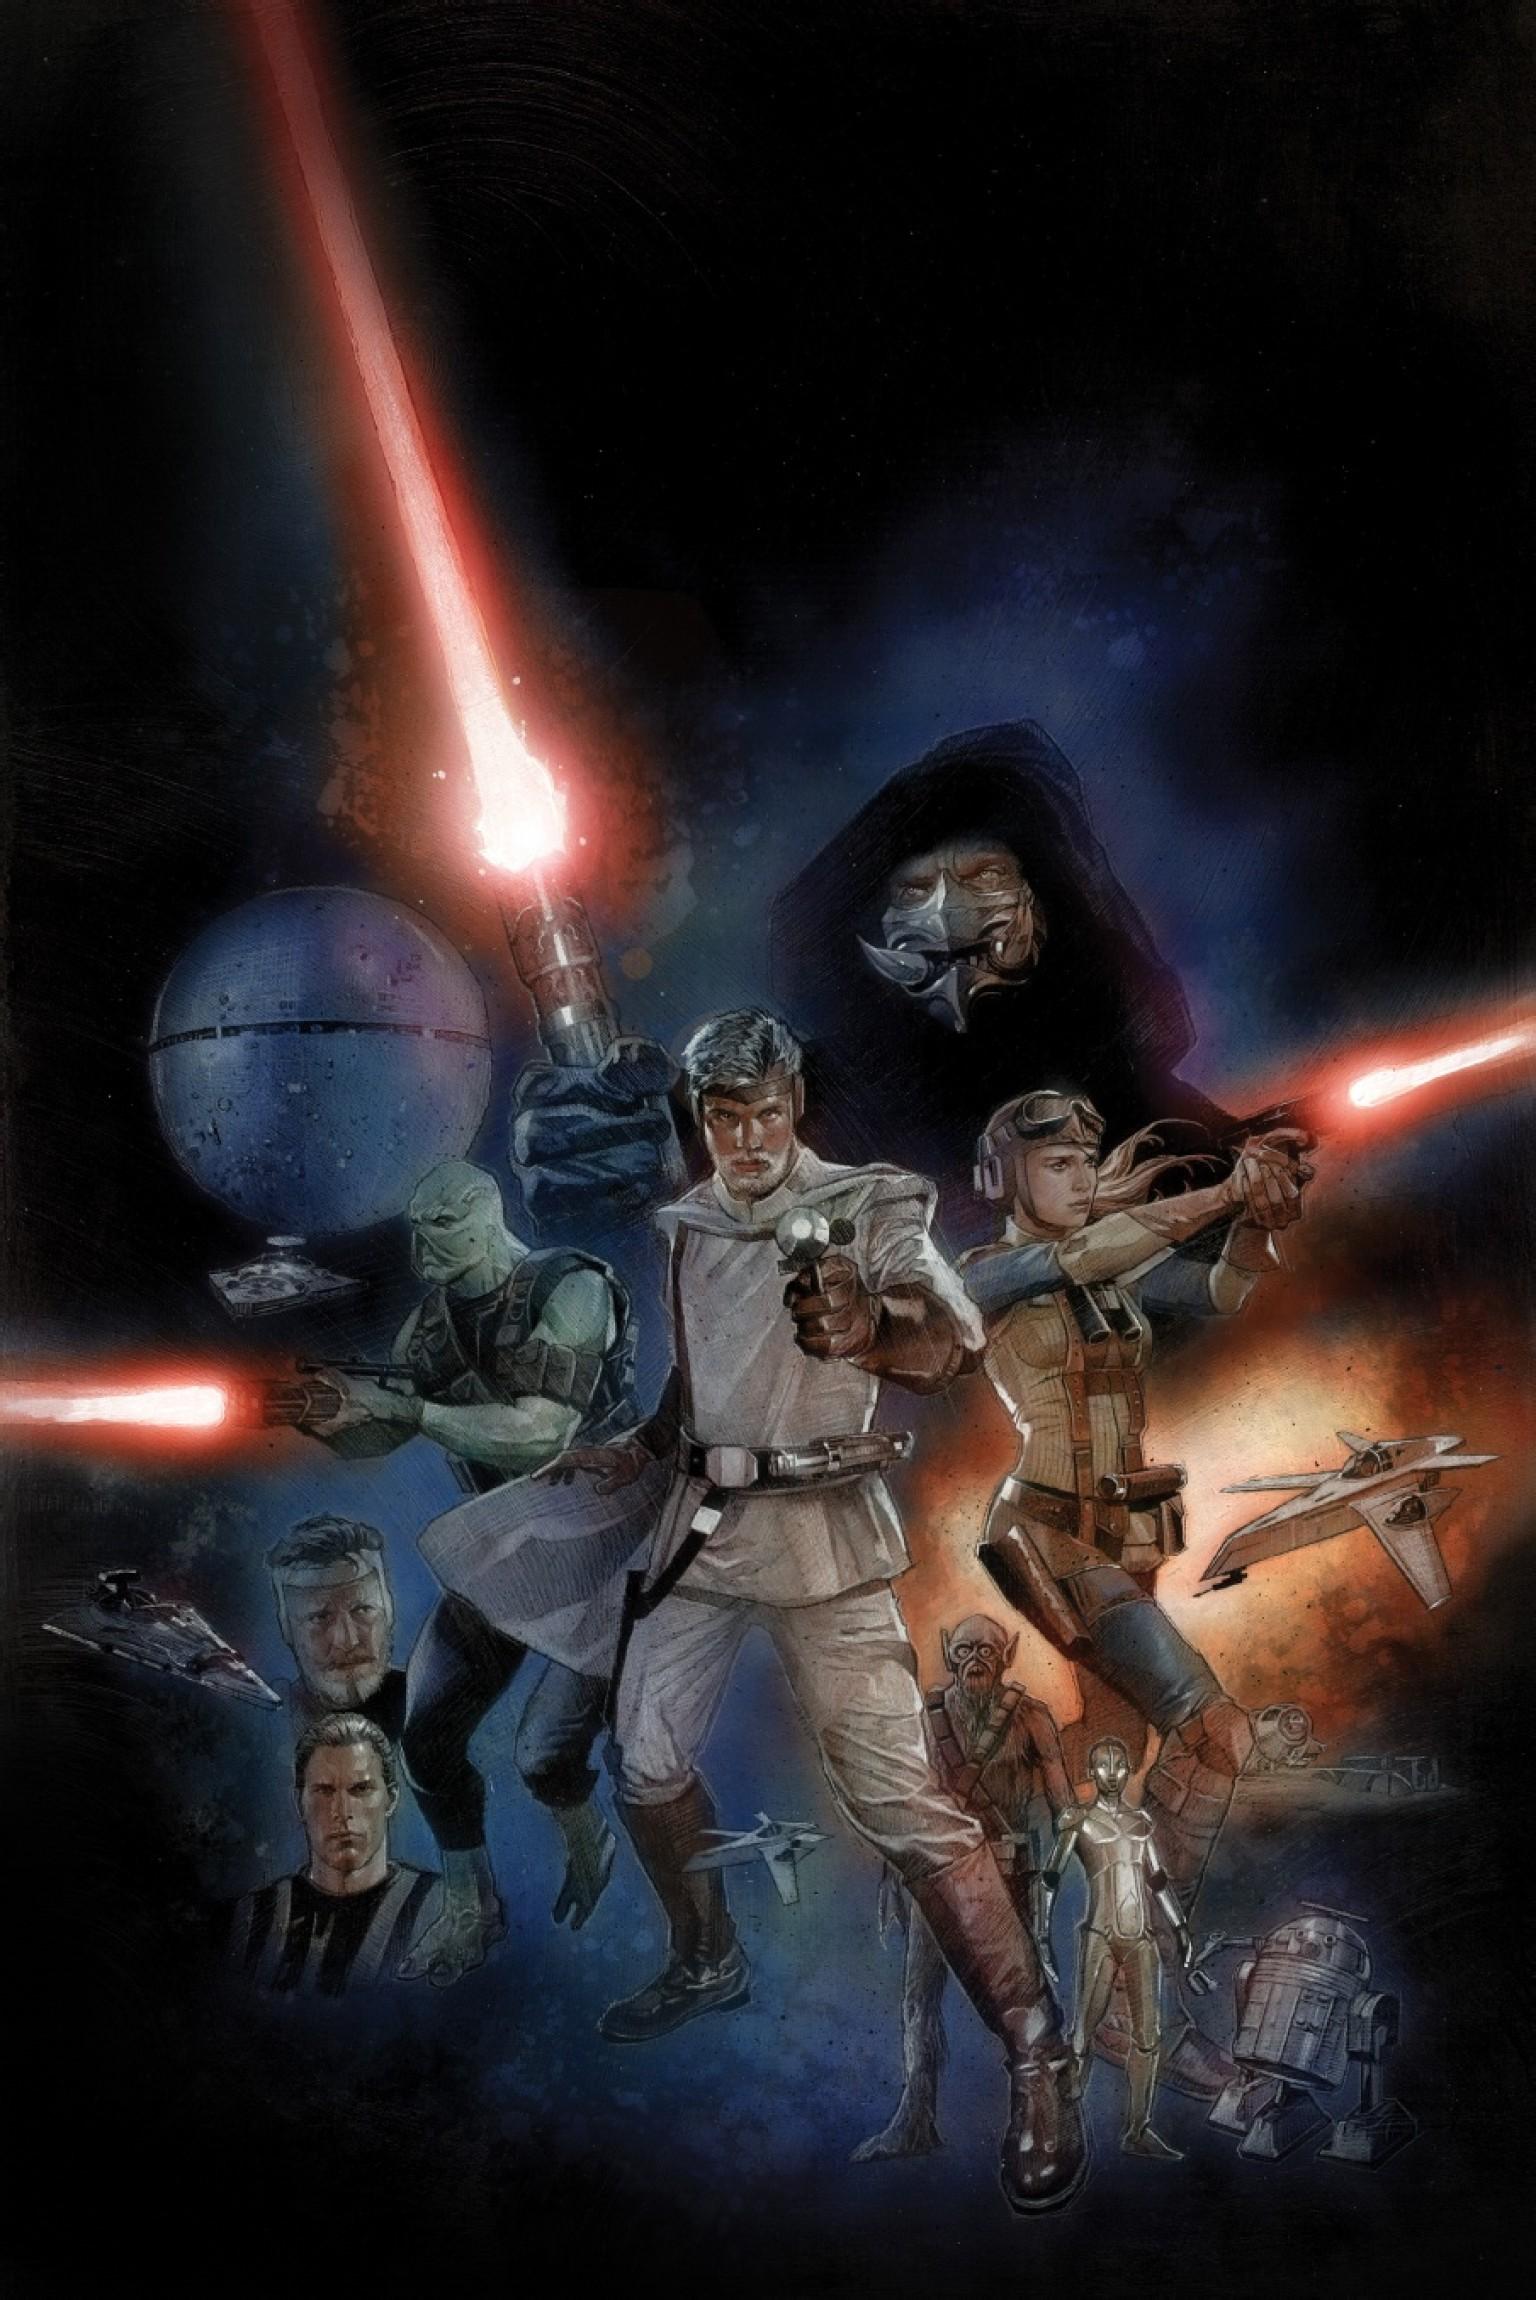 Star wars sexe bande dessinée